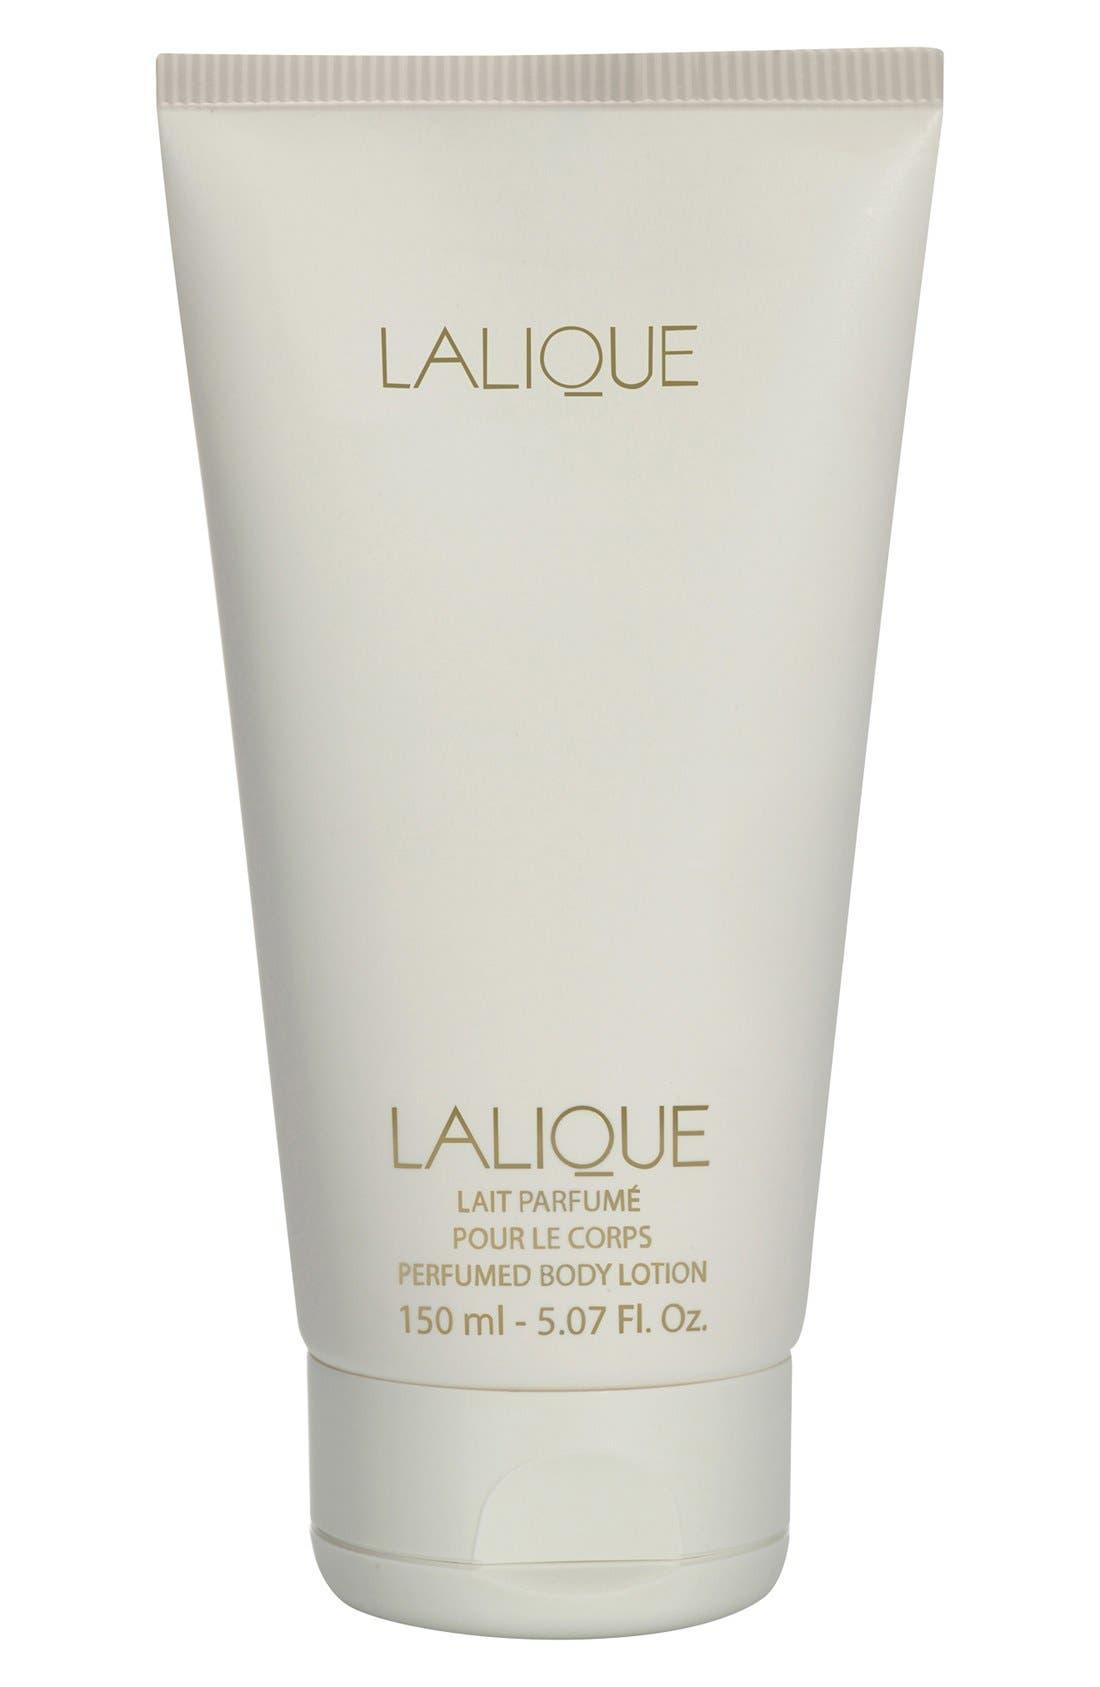 Lalique 'Lalique de Lalique' Body Lotion